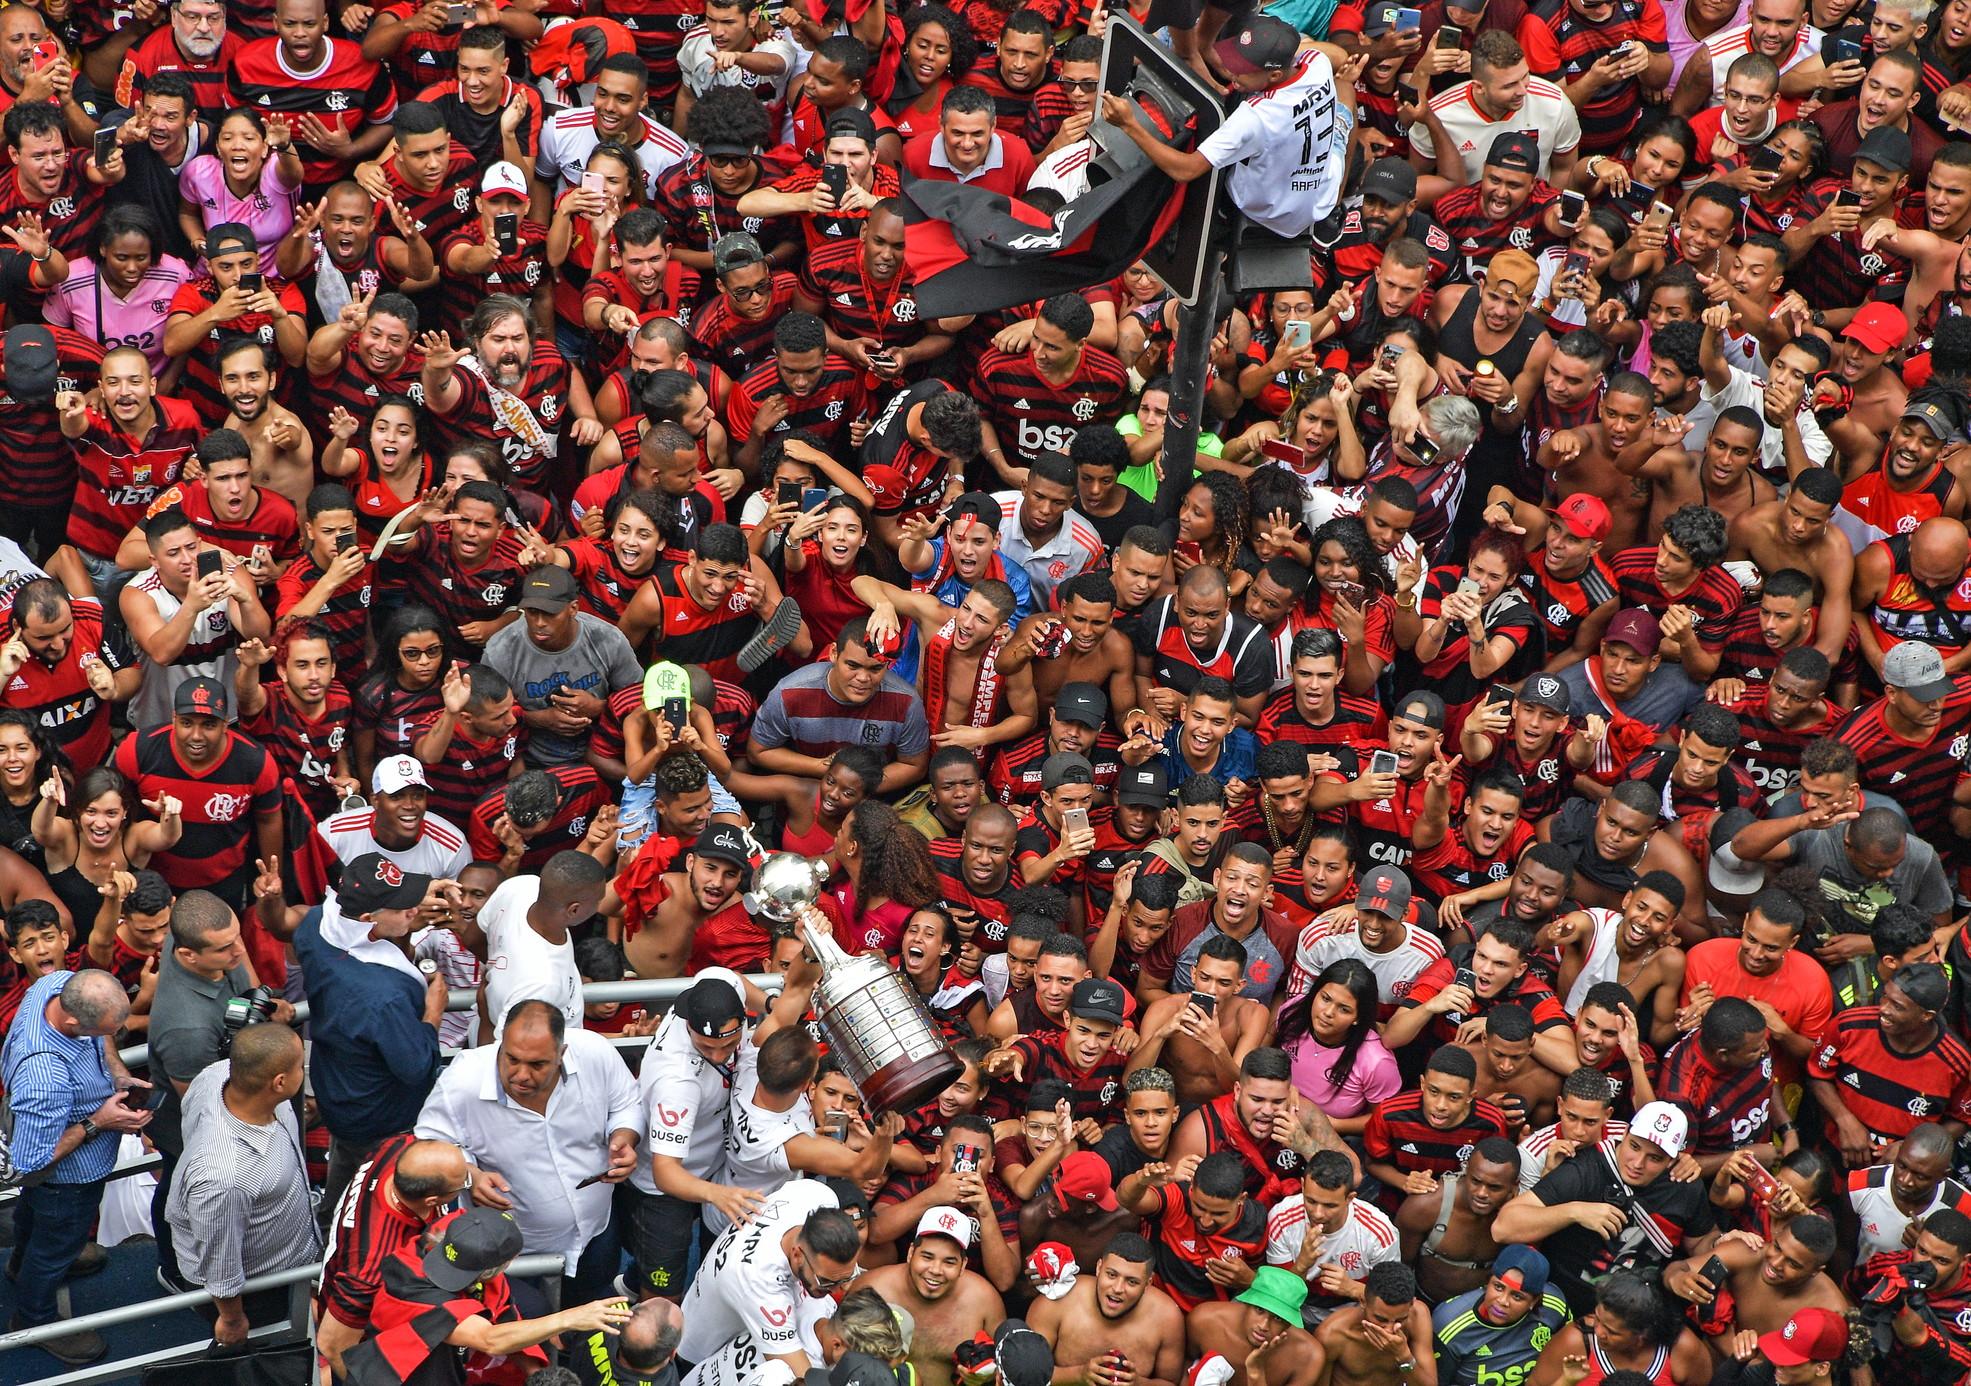 E' campione del Brasile mentre celebra il successo nella Libertadores tra i tifosi. E si registrano anche scontri tra tifosi e la polizia.